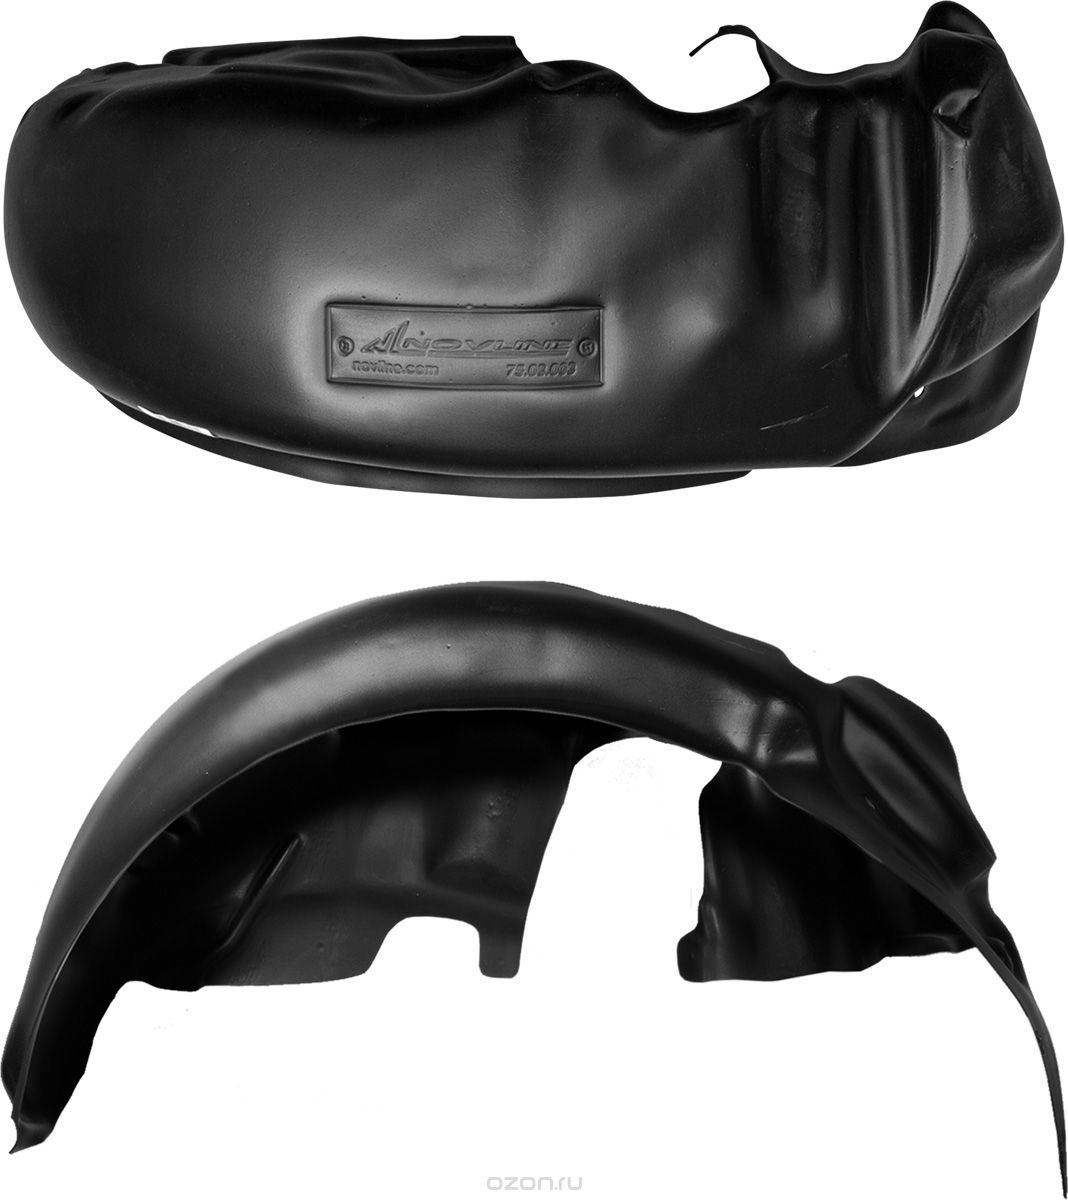 Подкрылок Novline-Autofamily, для Mitsubishi L200, 2014-2015 с расширителями арок, задний левыйNLL.35.28.003Идеальная защита колесной ниши. Локеры разработаны с применением цифровых технологий, гарантируют максимальную повторяемость поверхности арки. Изделия устанавливаются без нарушения лакокрасочного покрытия автомобиля, каждый подкрылок комплектуется крепежом. Уважаемые клиенты, обращаем ваше внимание, что фотографии на подкрылки универсальные и не отражают реальную форму изделия. При этом само изделие идет точно под размер указанного автомобиля.